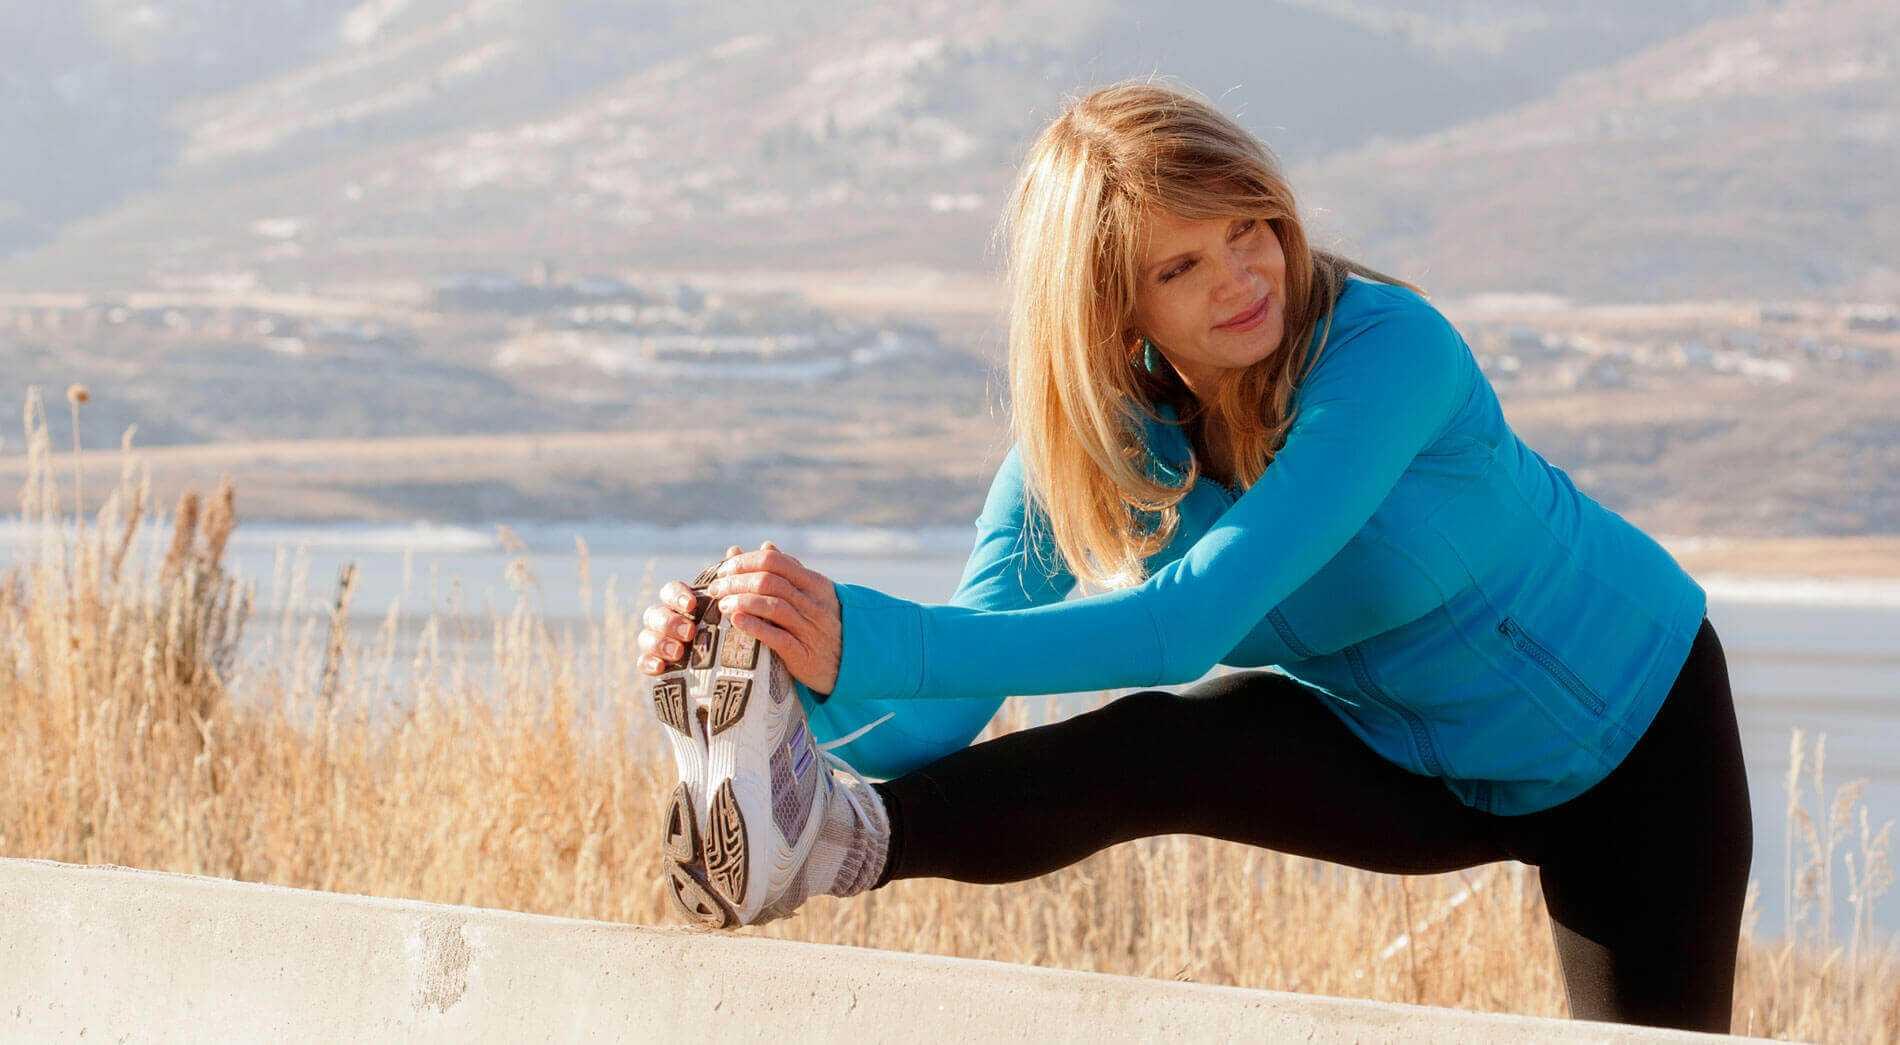 Кэти смит — «великолепное тело метод матрицы»: энергичная и позитивная тренировка. кардиотренировки для похудения и сжигание жира